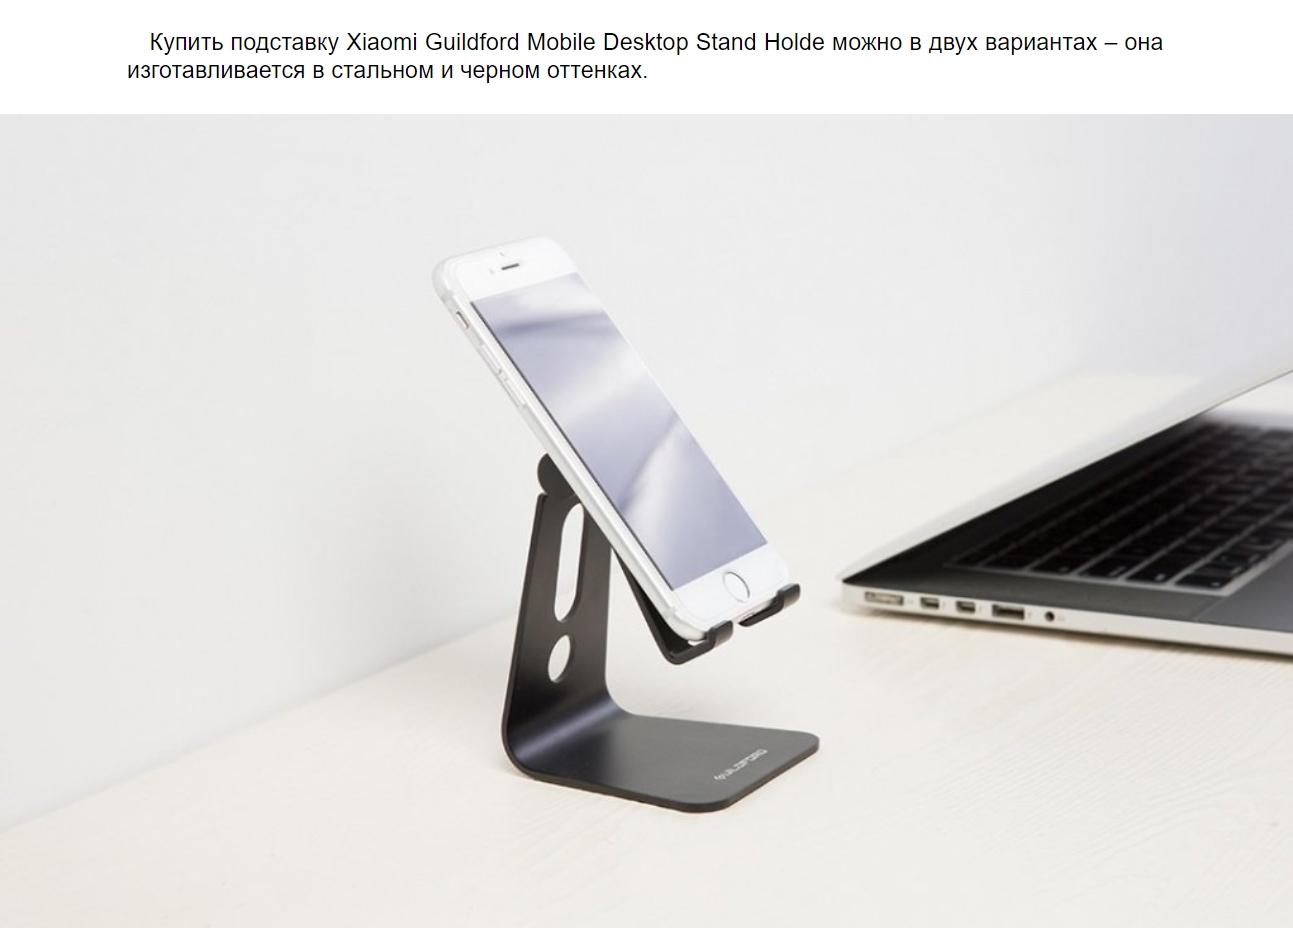 Алюминиевая подставка для телефона и планшета Xiaomi Guildford Mobile Desktop Stand Holder (GFAHP87)